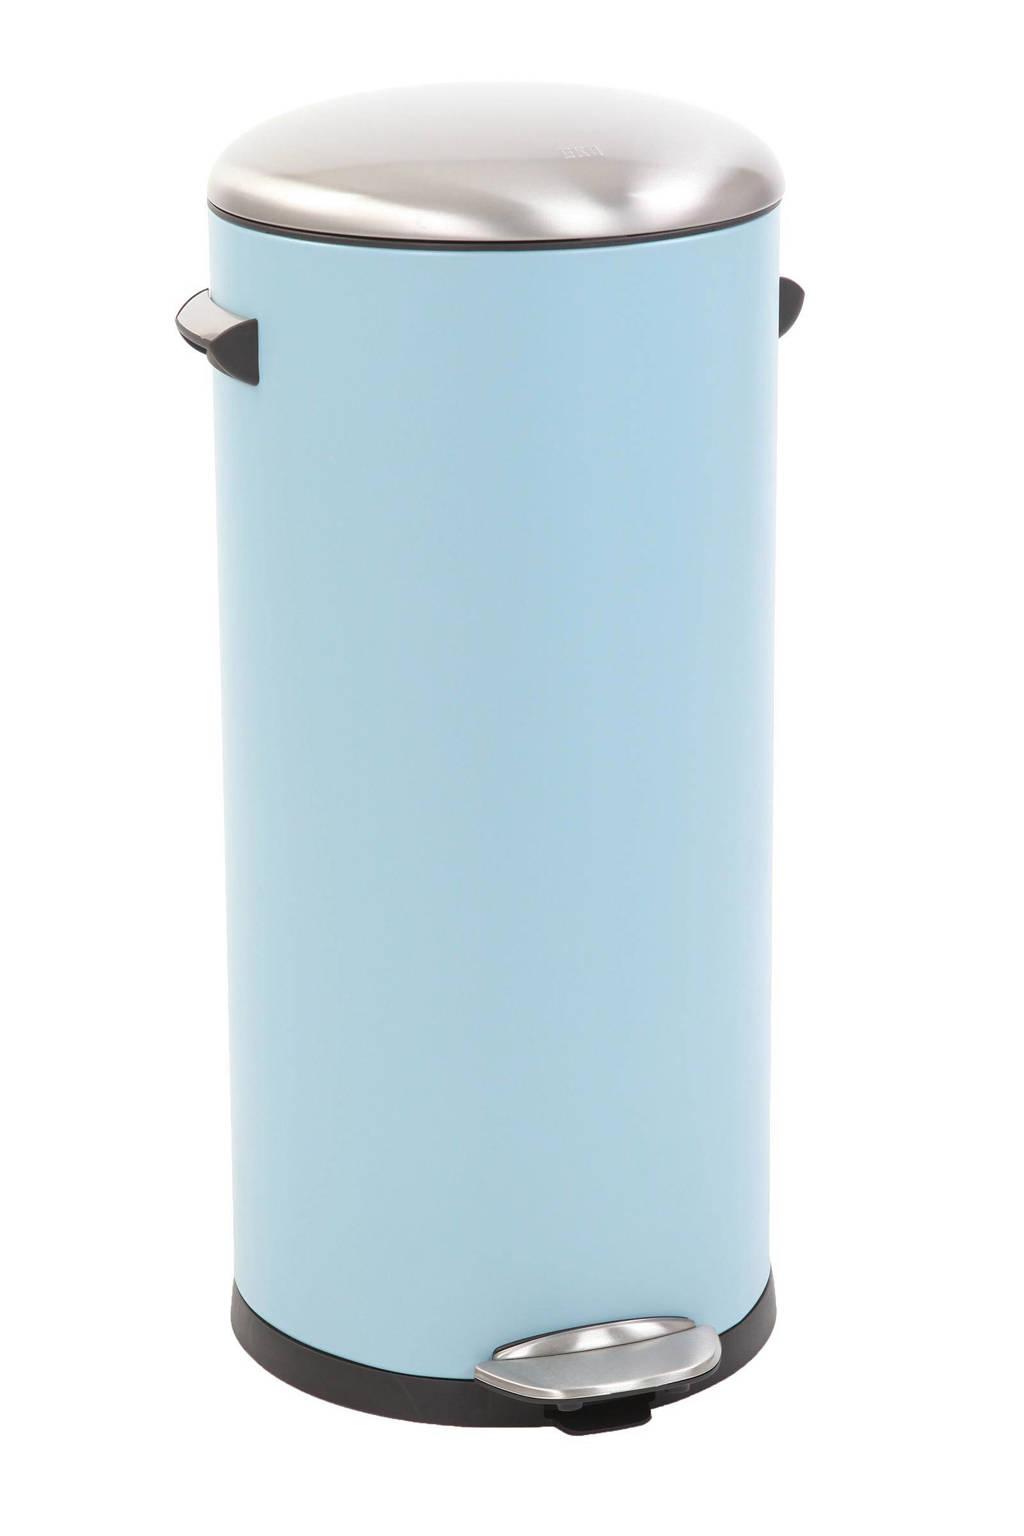 EKO Belle Deluxe Step Bin, 30 liter pedaalemmer, Lichtblauw